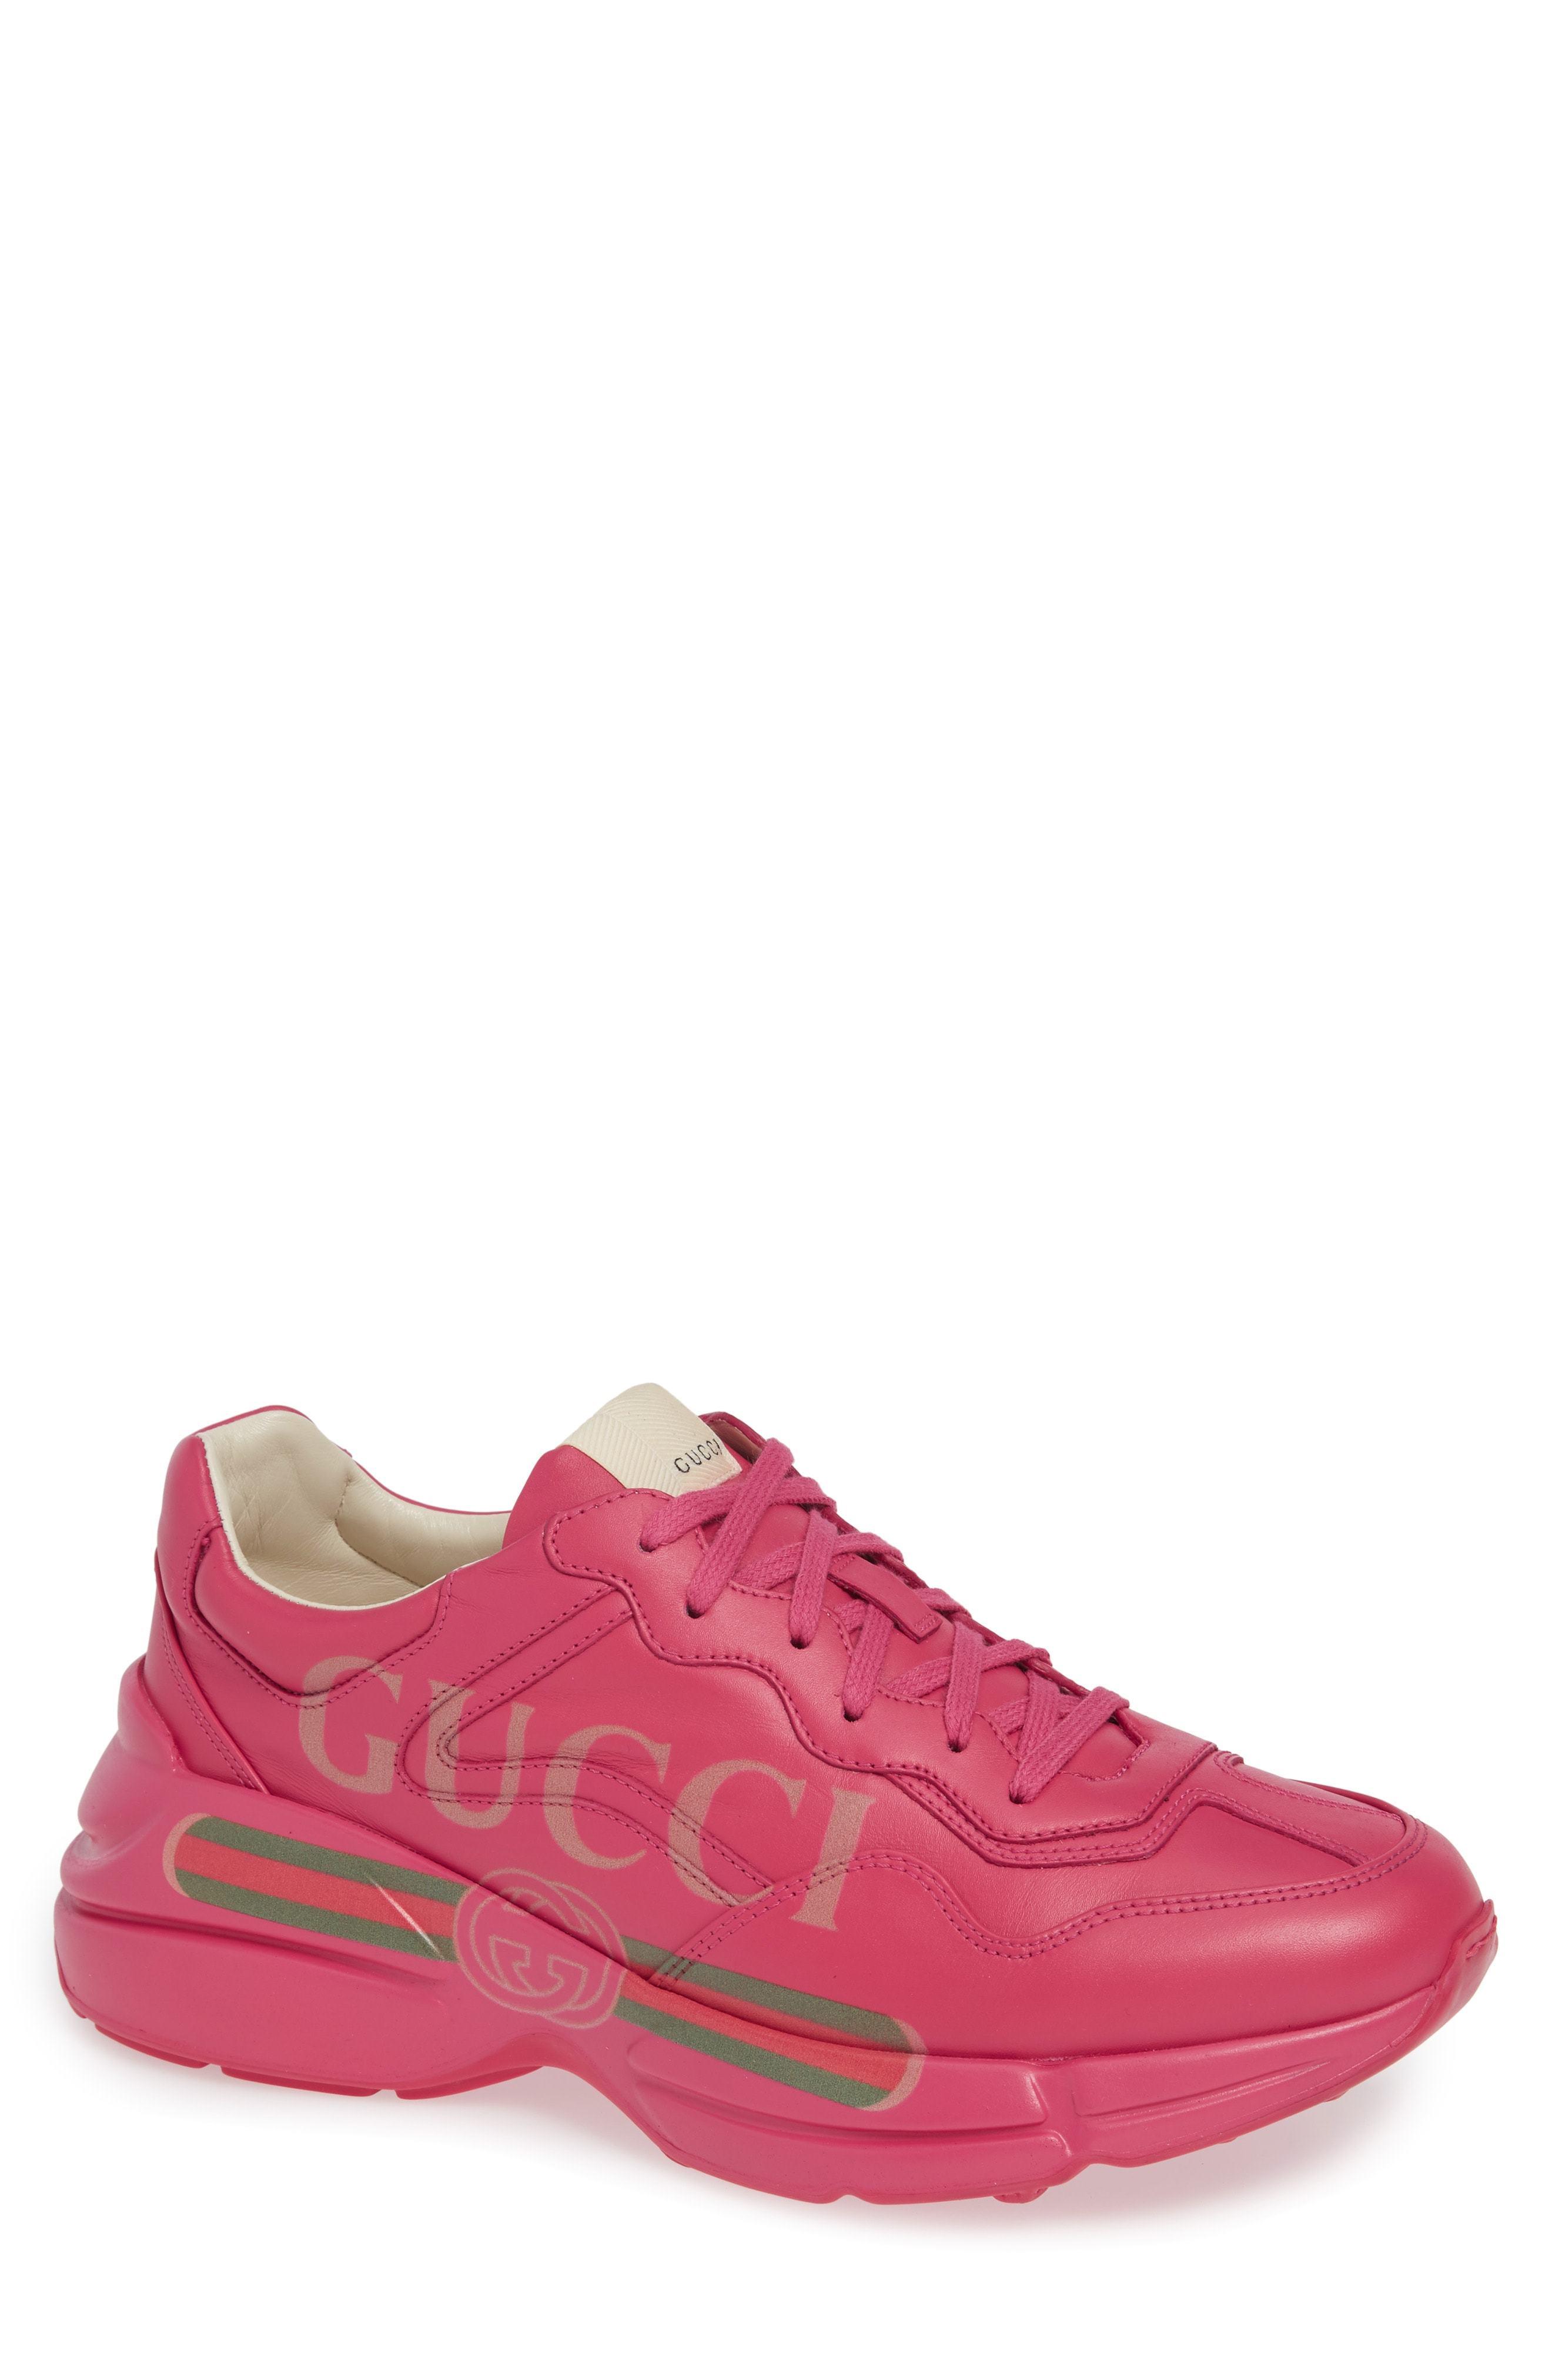 48eb39e40c67 ... Shoes Gucci Rhyton Sneaker